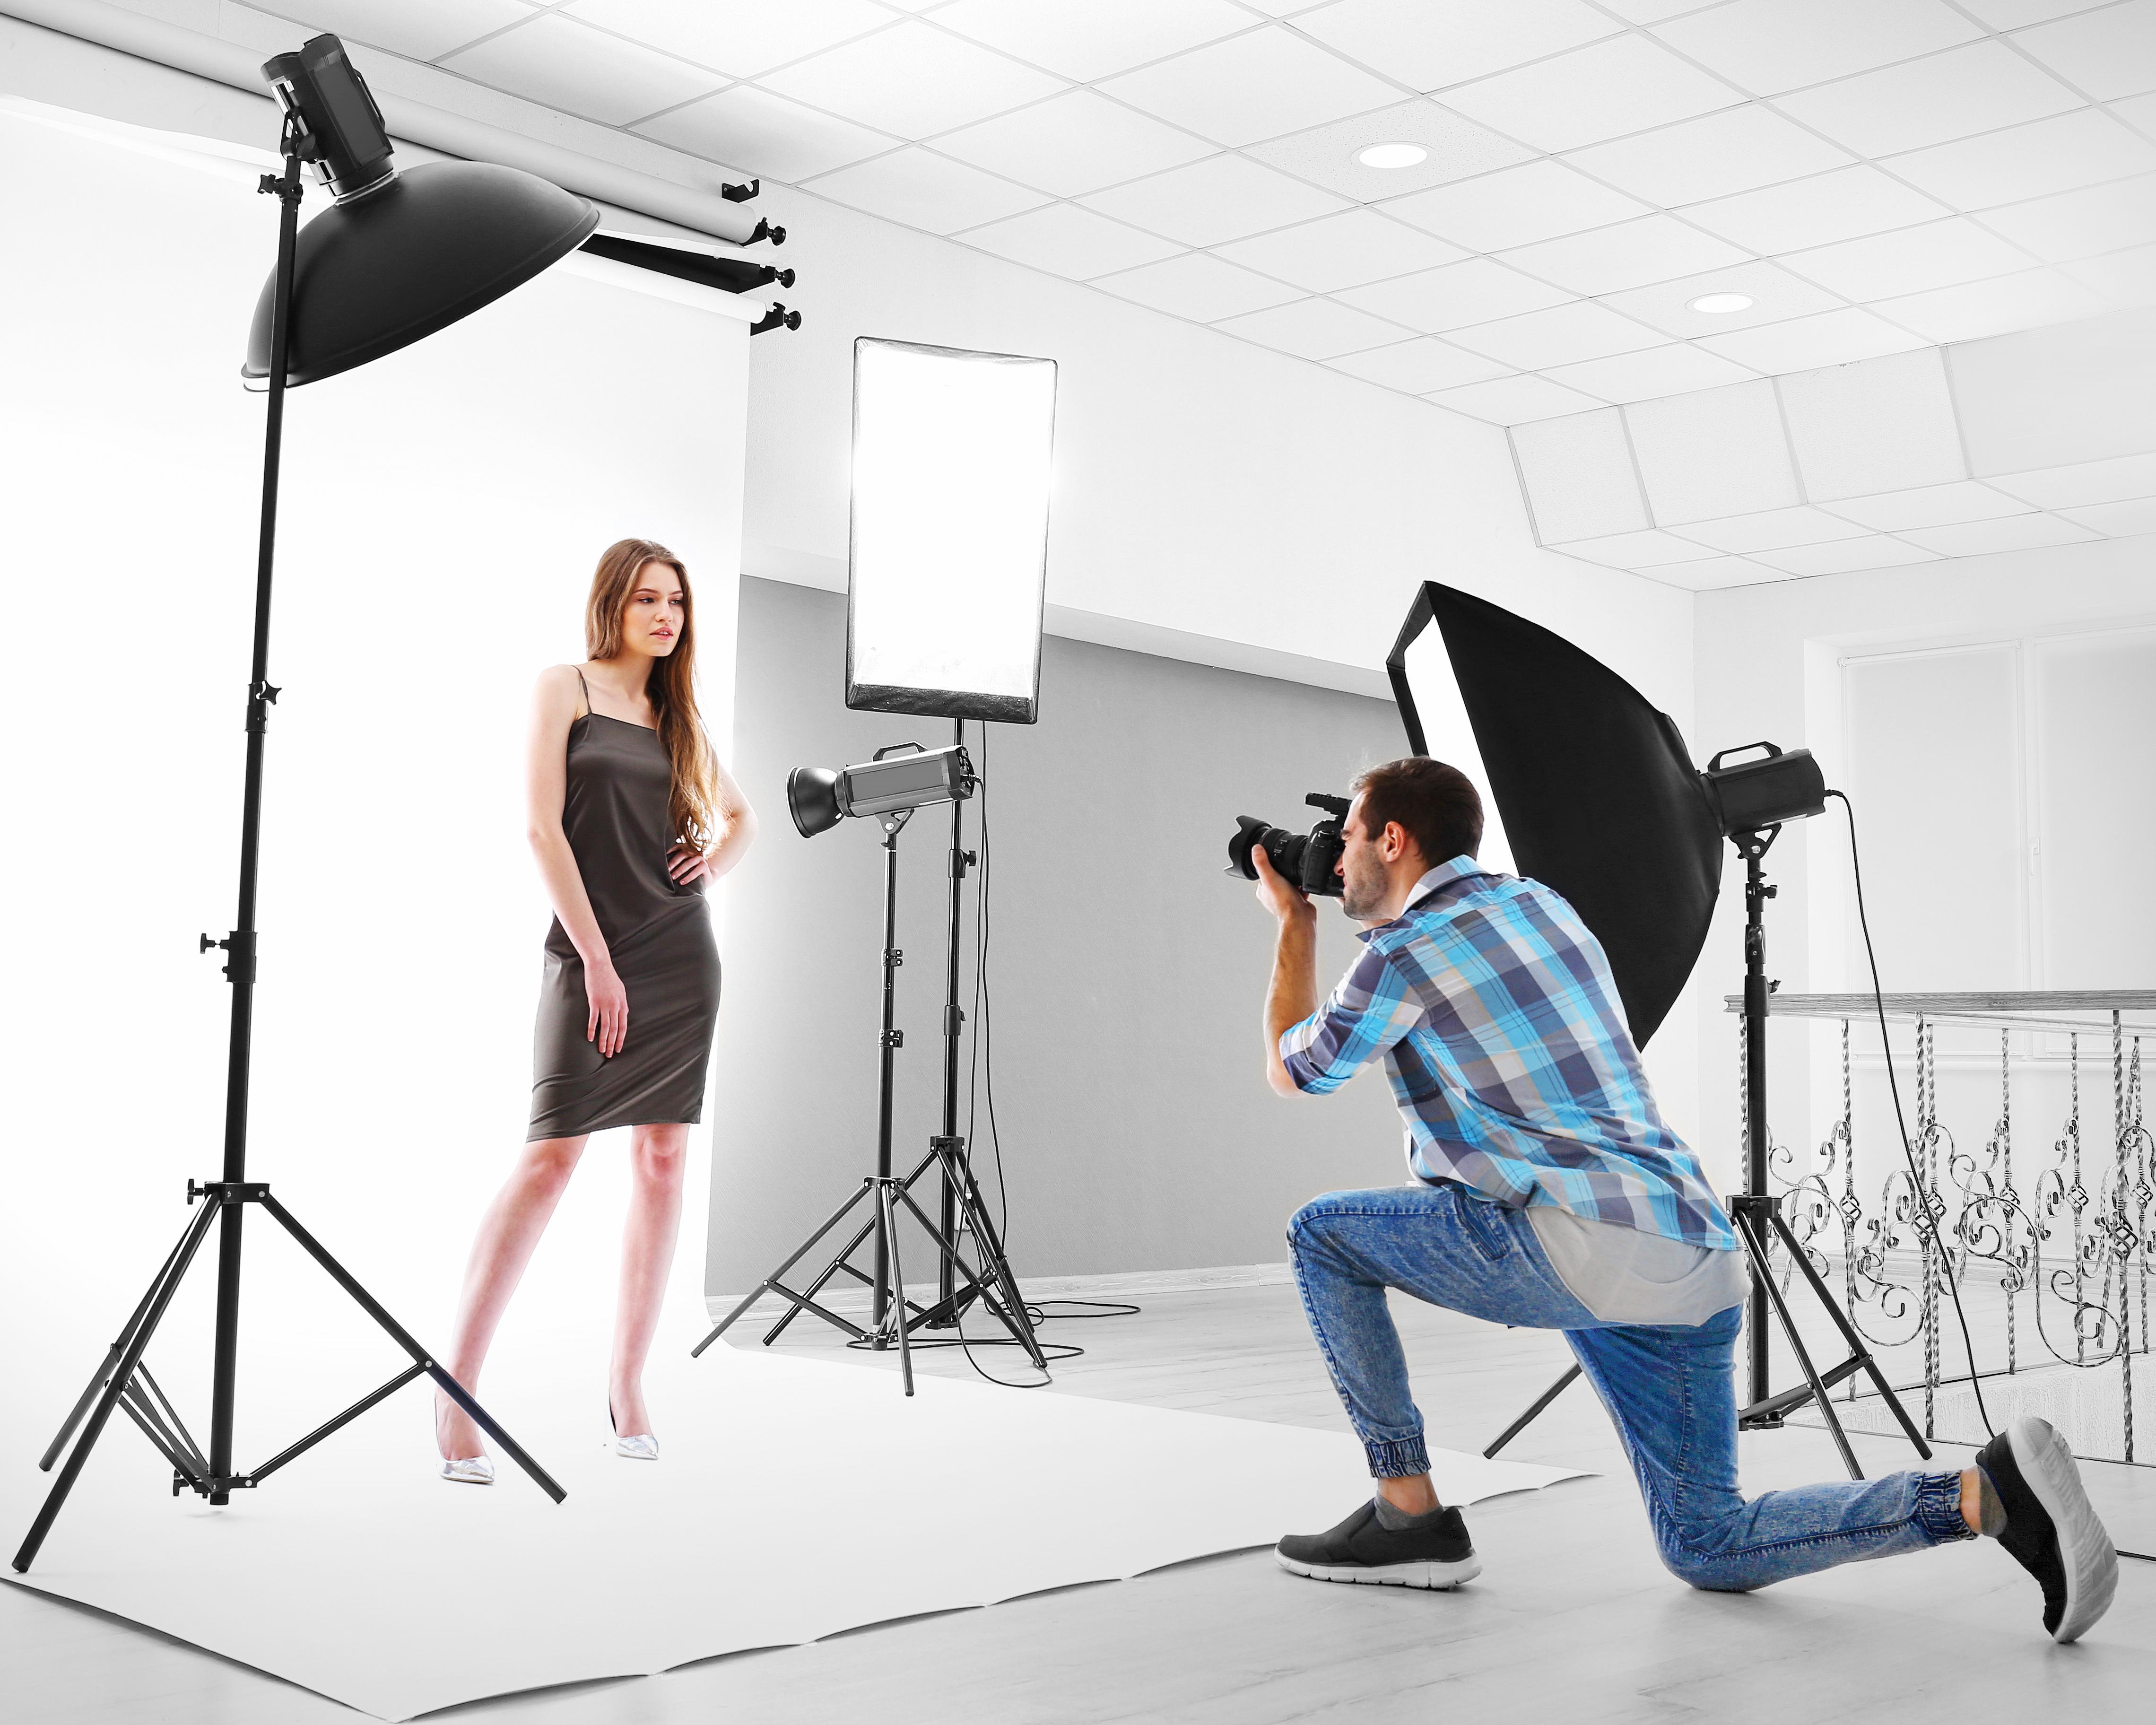 работа с моделью на фотосессии мастер класс разгар отпусков давайте